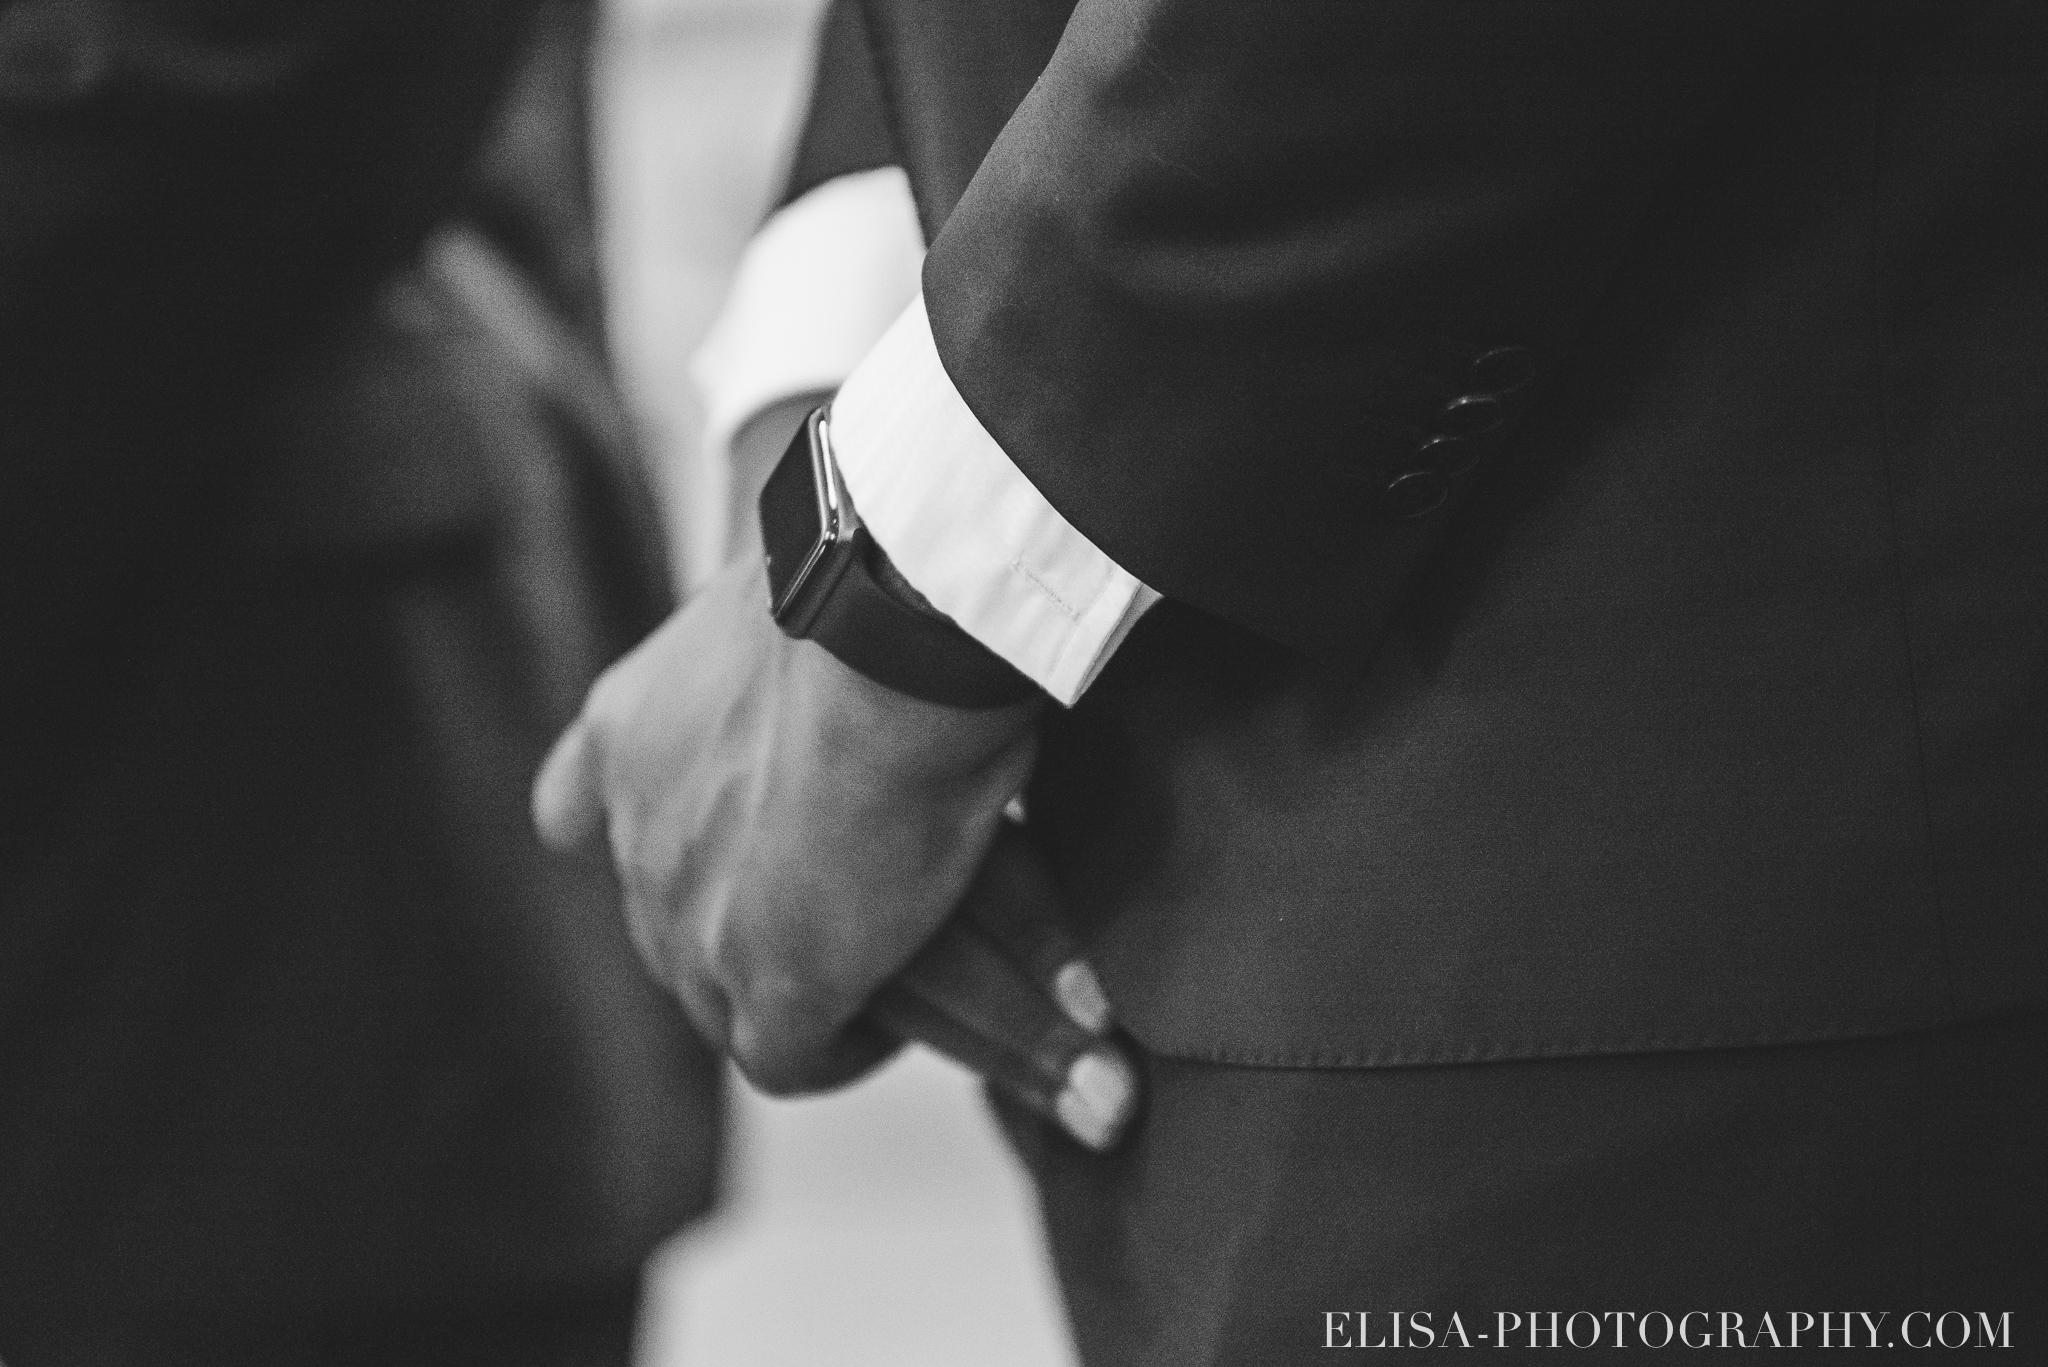 photo mariage ville quebec automne ceremonie eglise de cap rouge 7410 - Mariage au Golf de Cap-Rouge, ville de Québec: Stéphanie & William